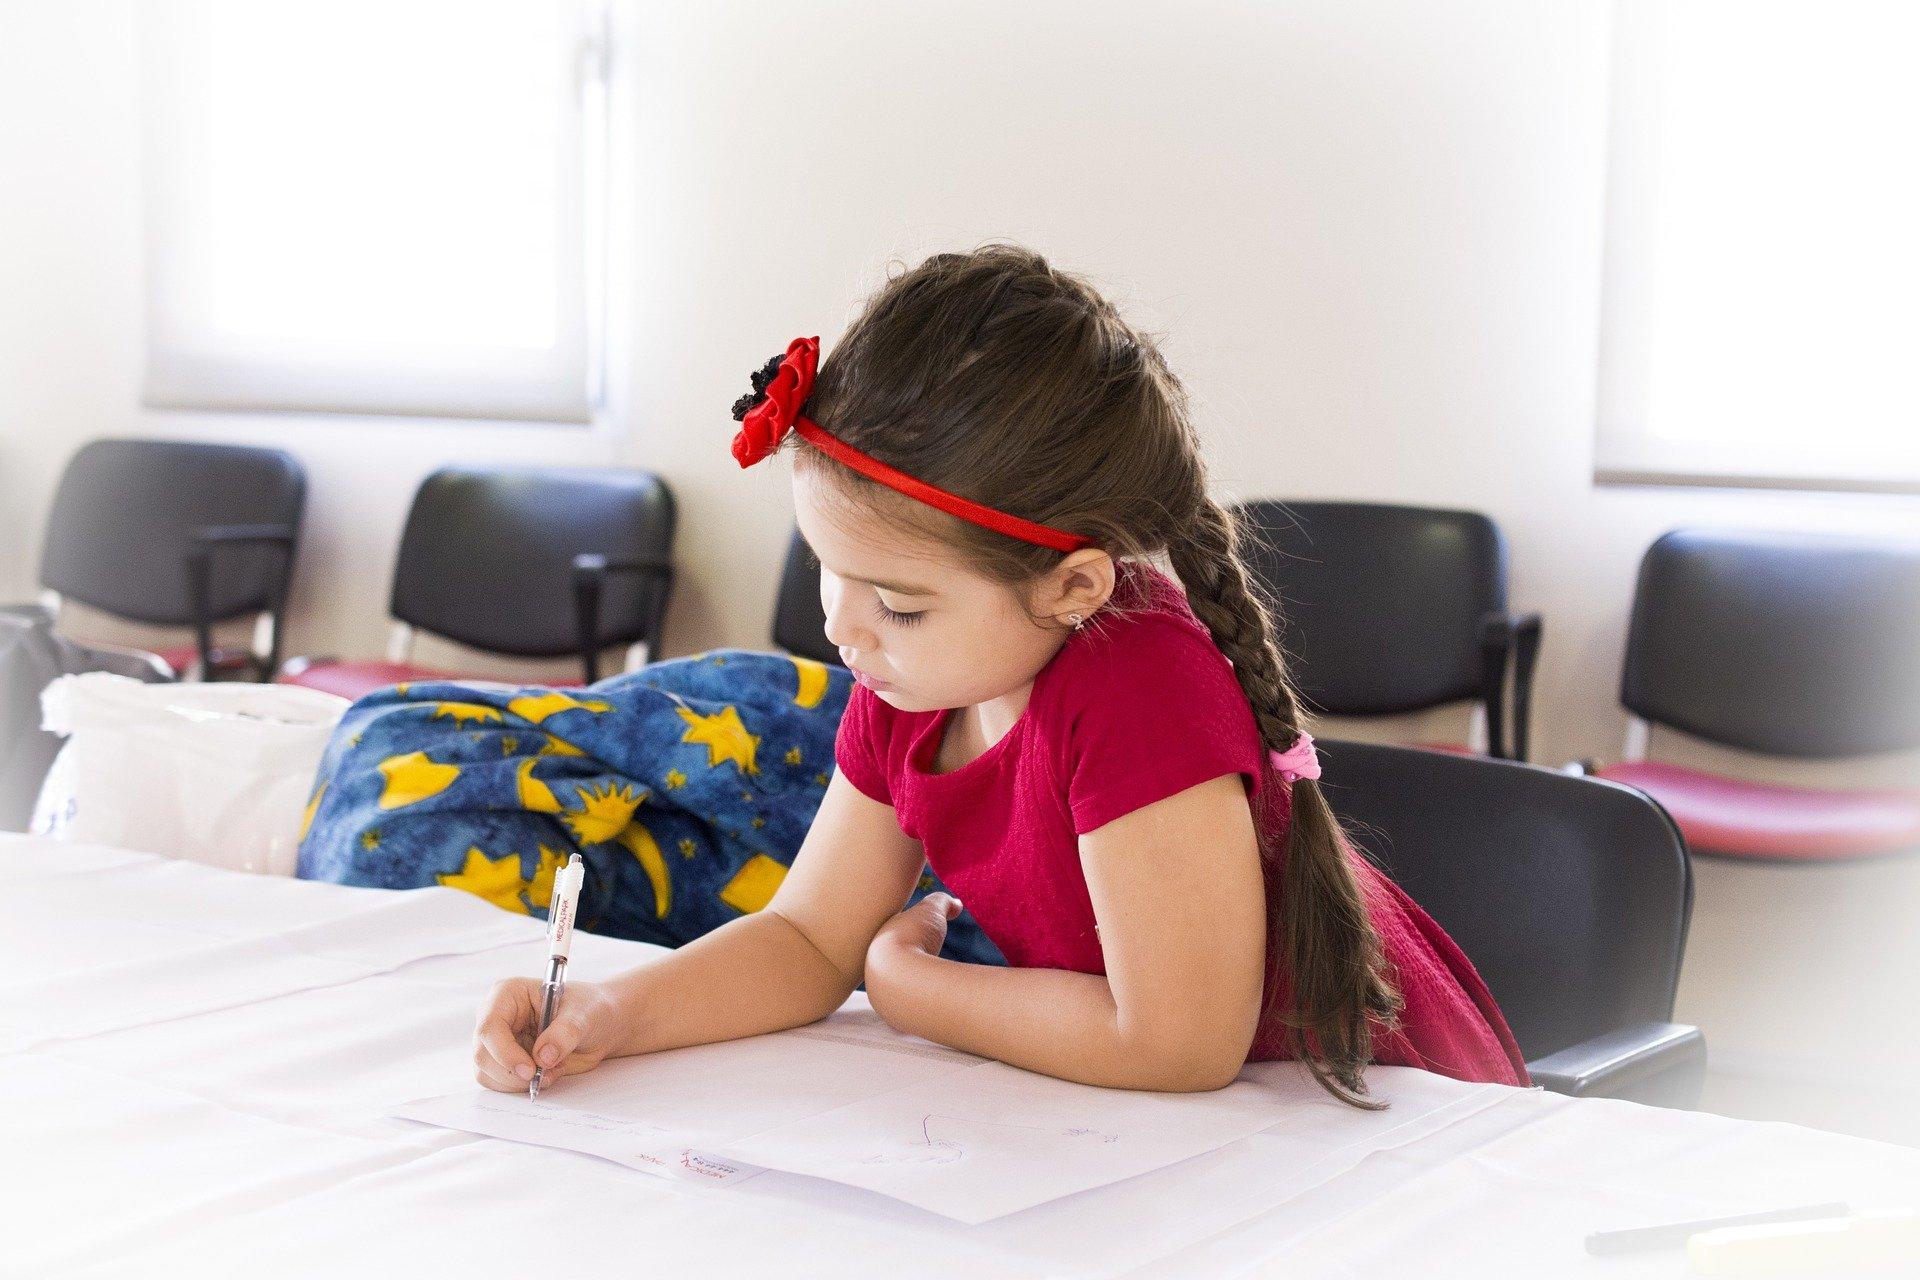 Мастер-класс «Искусство красивого письма» прошел в Культурном центре «Киевский»